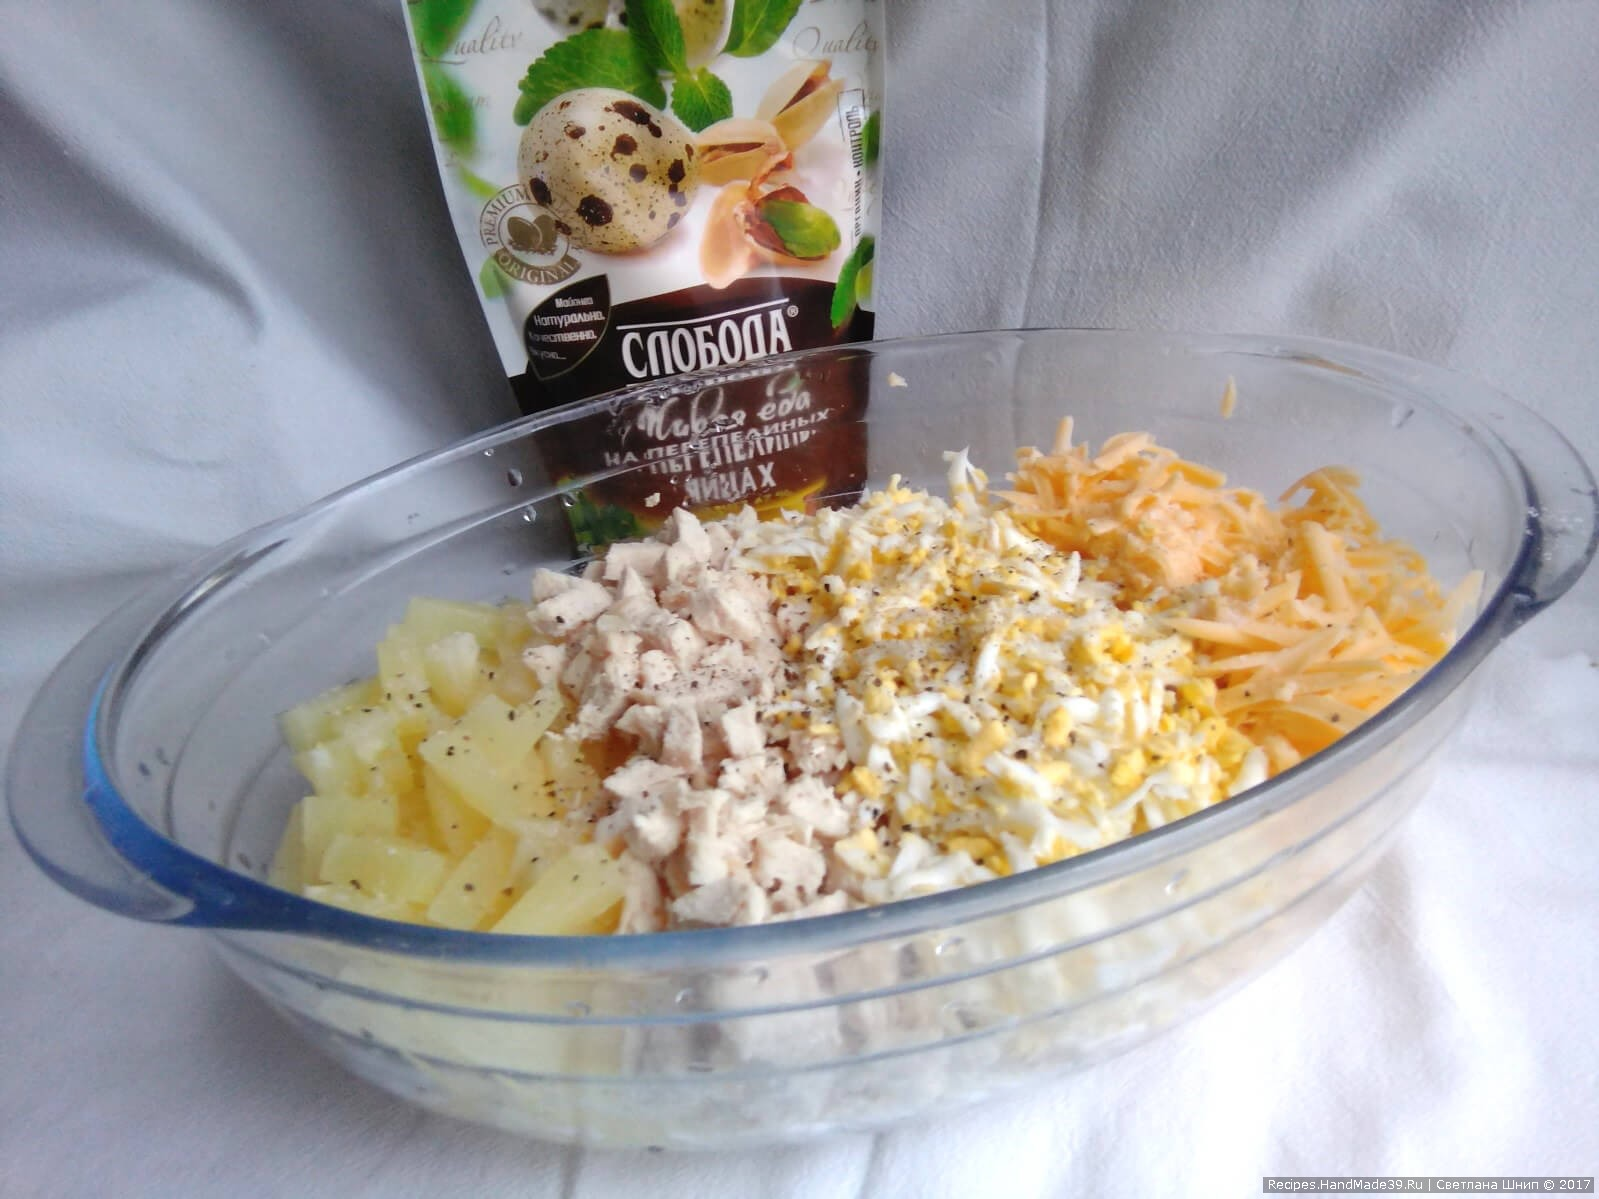 Добавить ананасы в тарелку к остальным продуктам